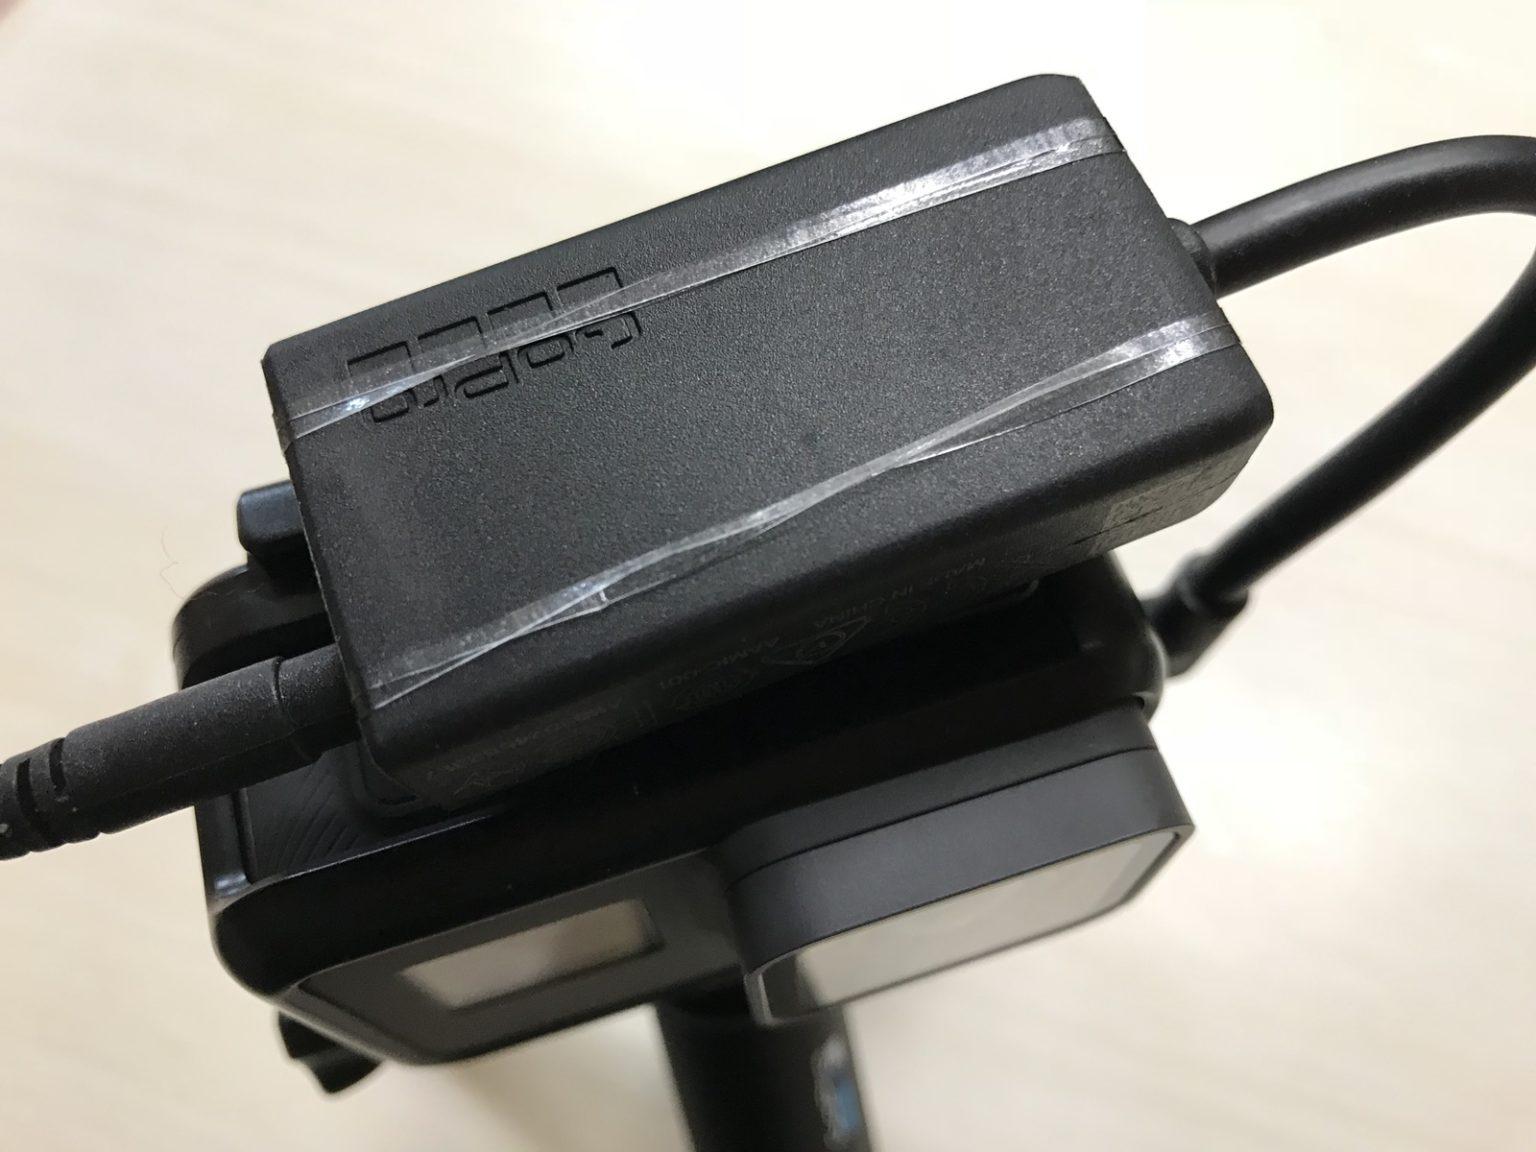 プロ3.5mmマイクアダプターをGoProのフレーム上部に装着